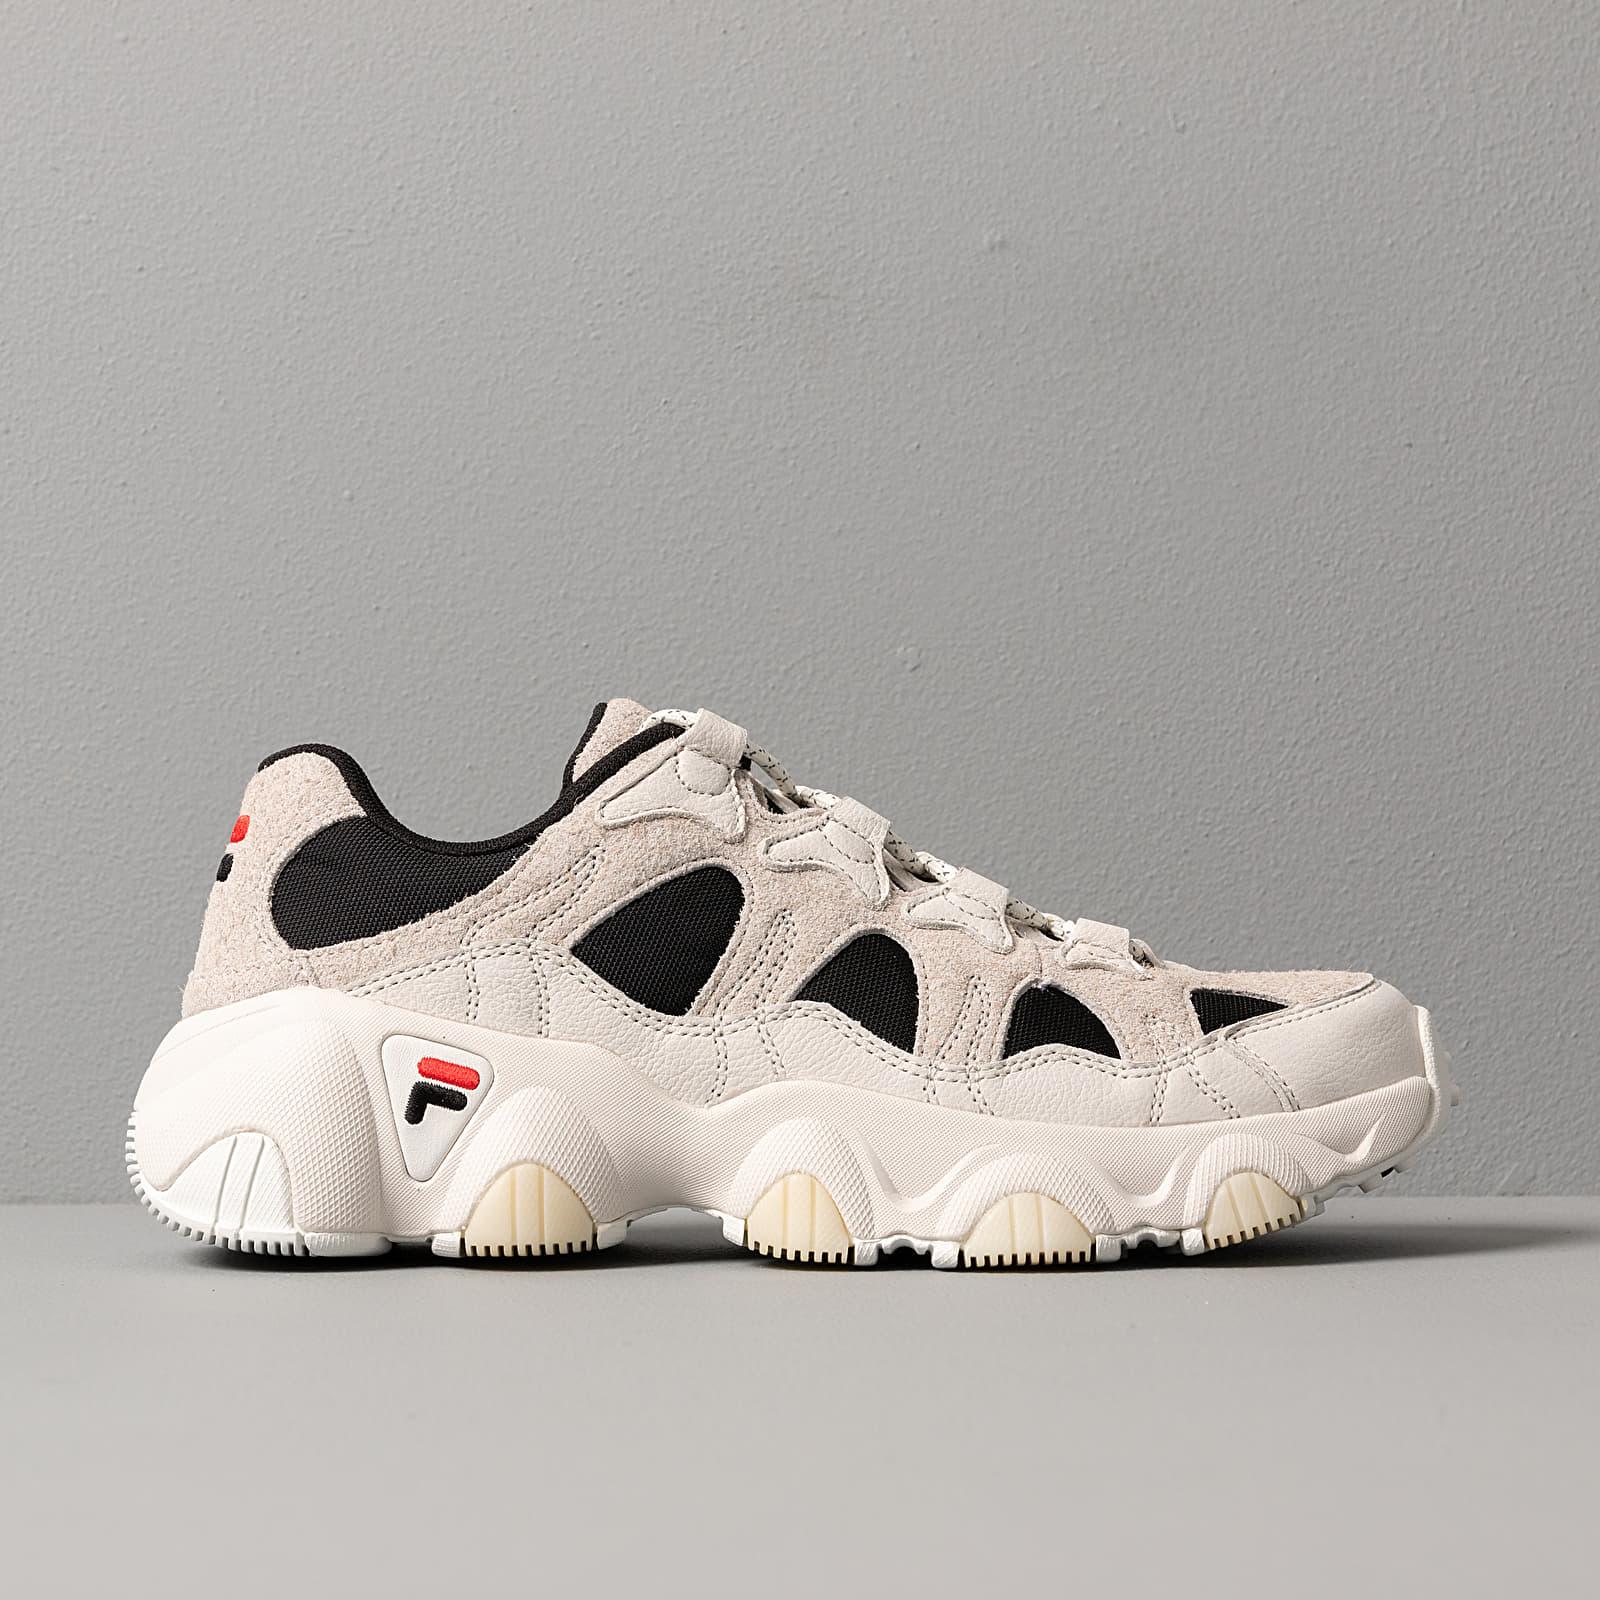 Fila Adrenaline Low White Navy Release Date Info   SneakerFiles